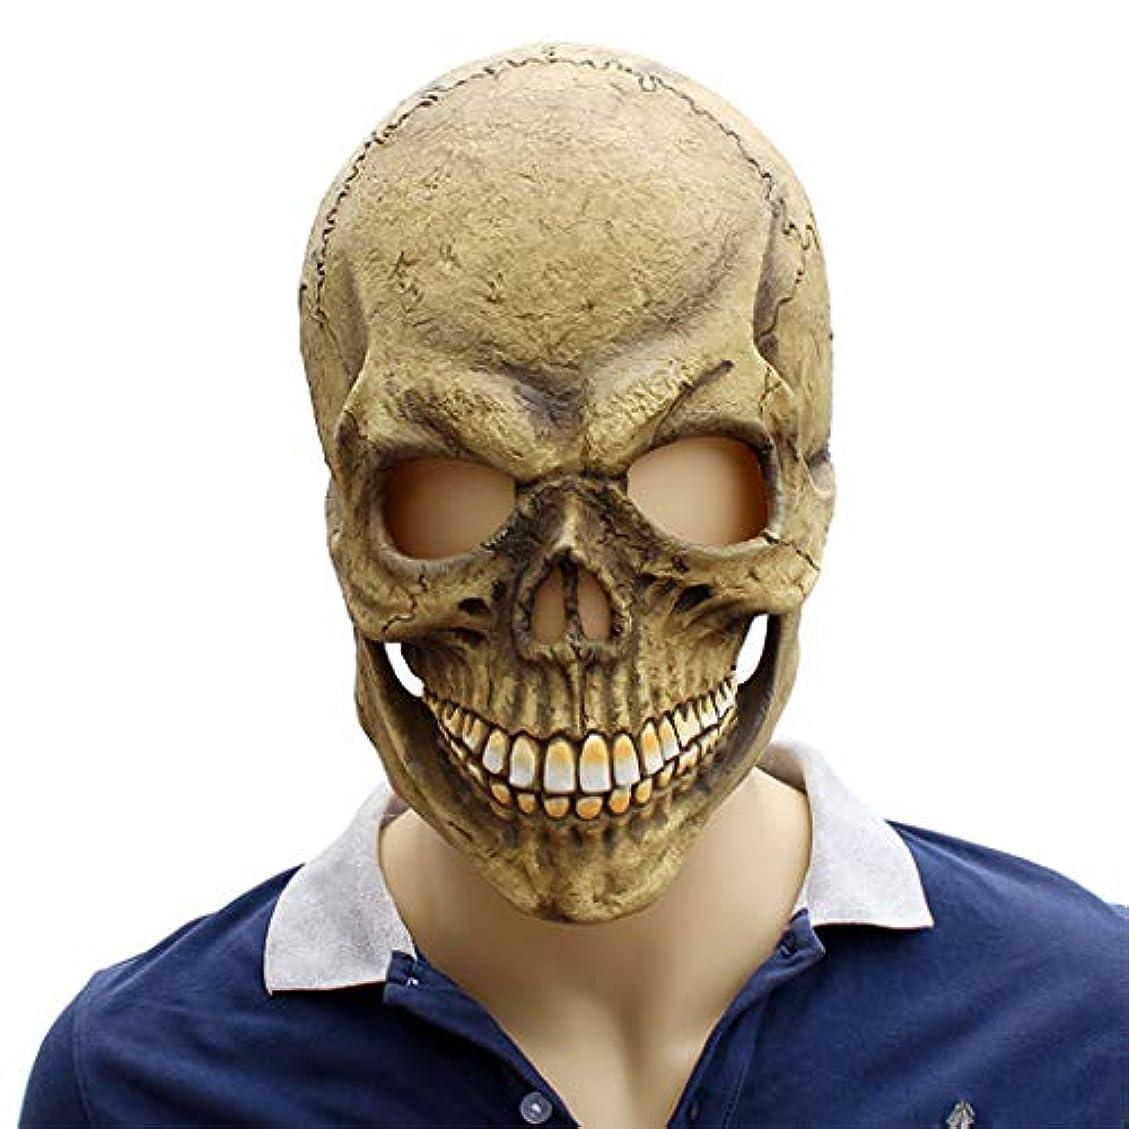 稼ぐフレット行くハロウィンラテックスヘッドギア太郎マスクお化け屋敷秘密の部屋テロ小道具シャドースリラーアイテム